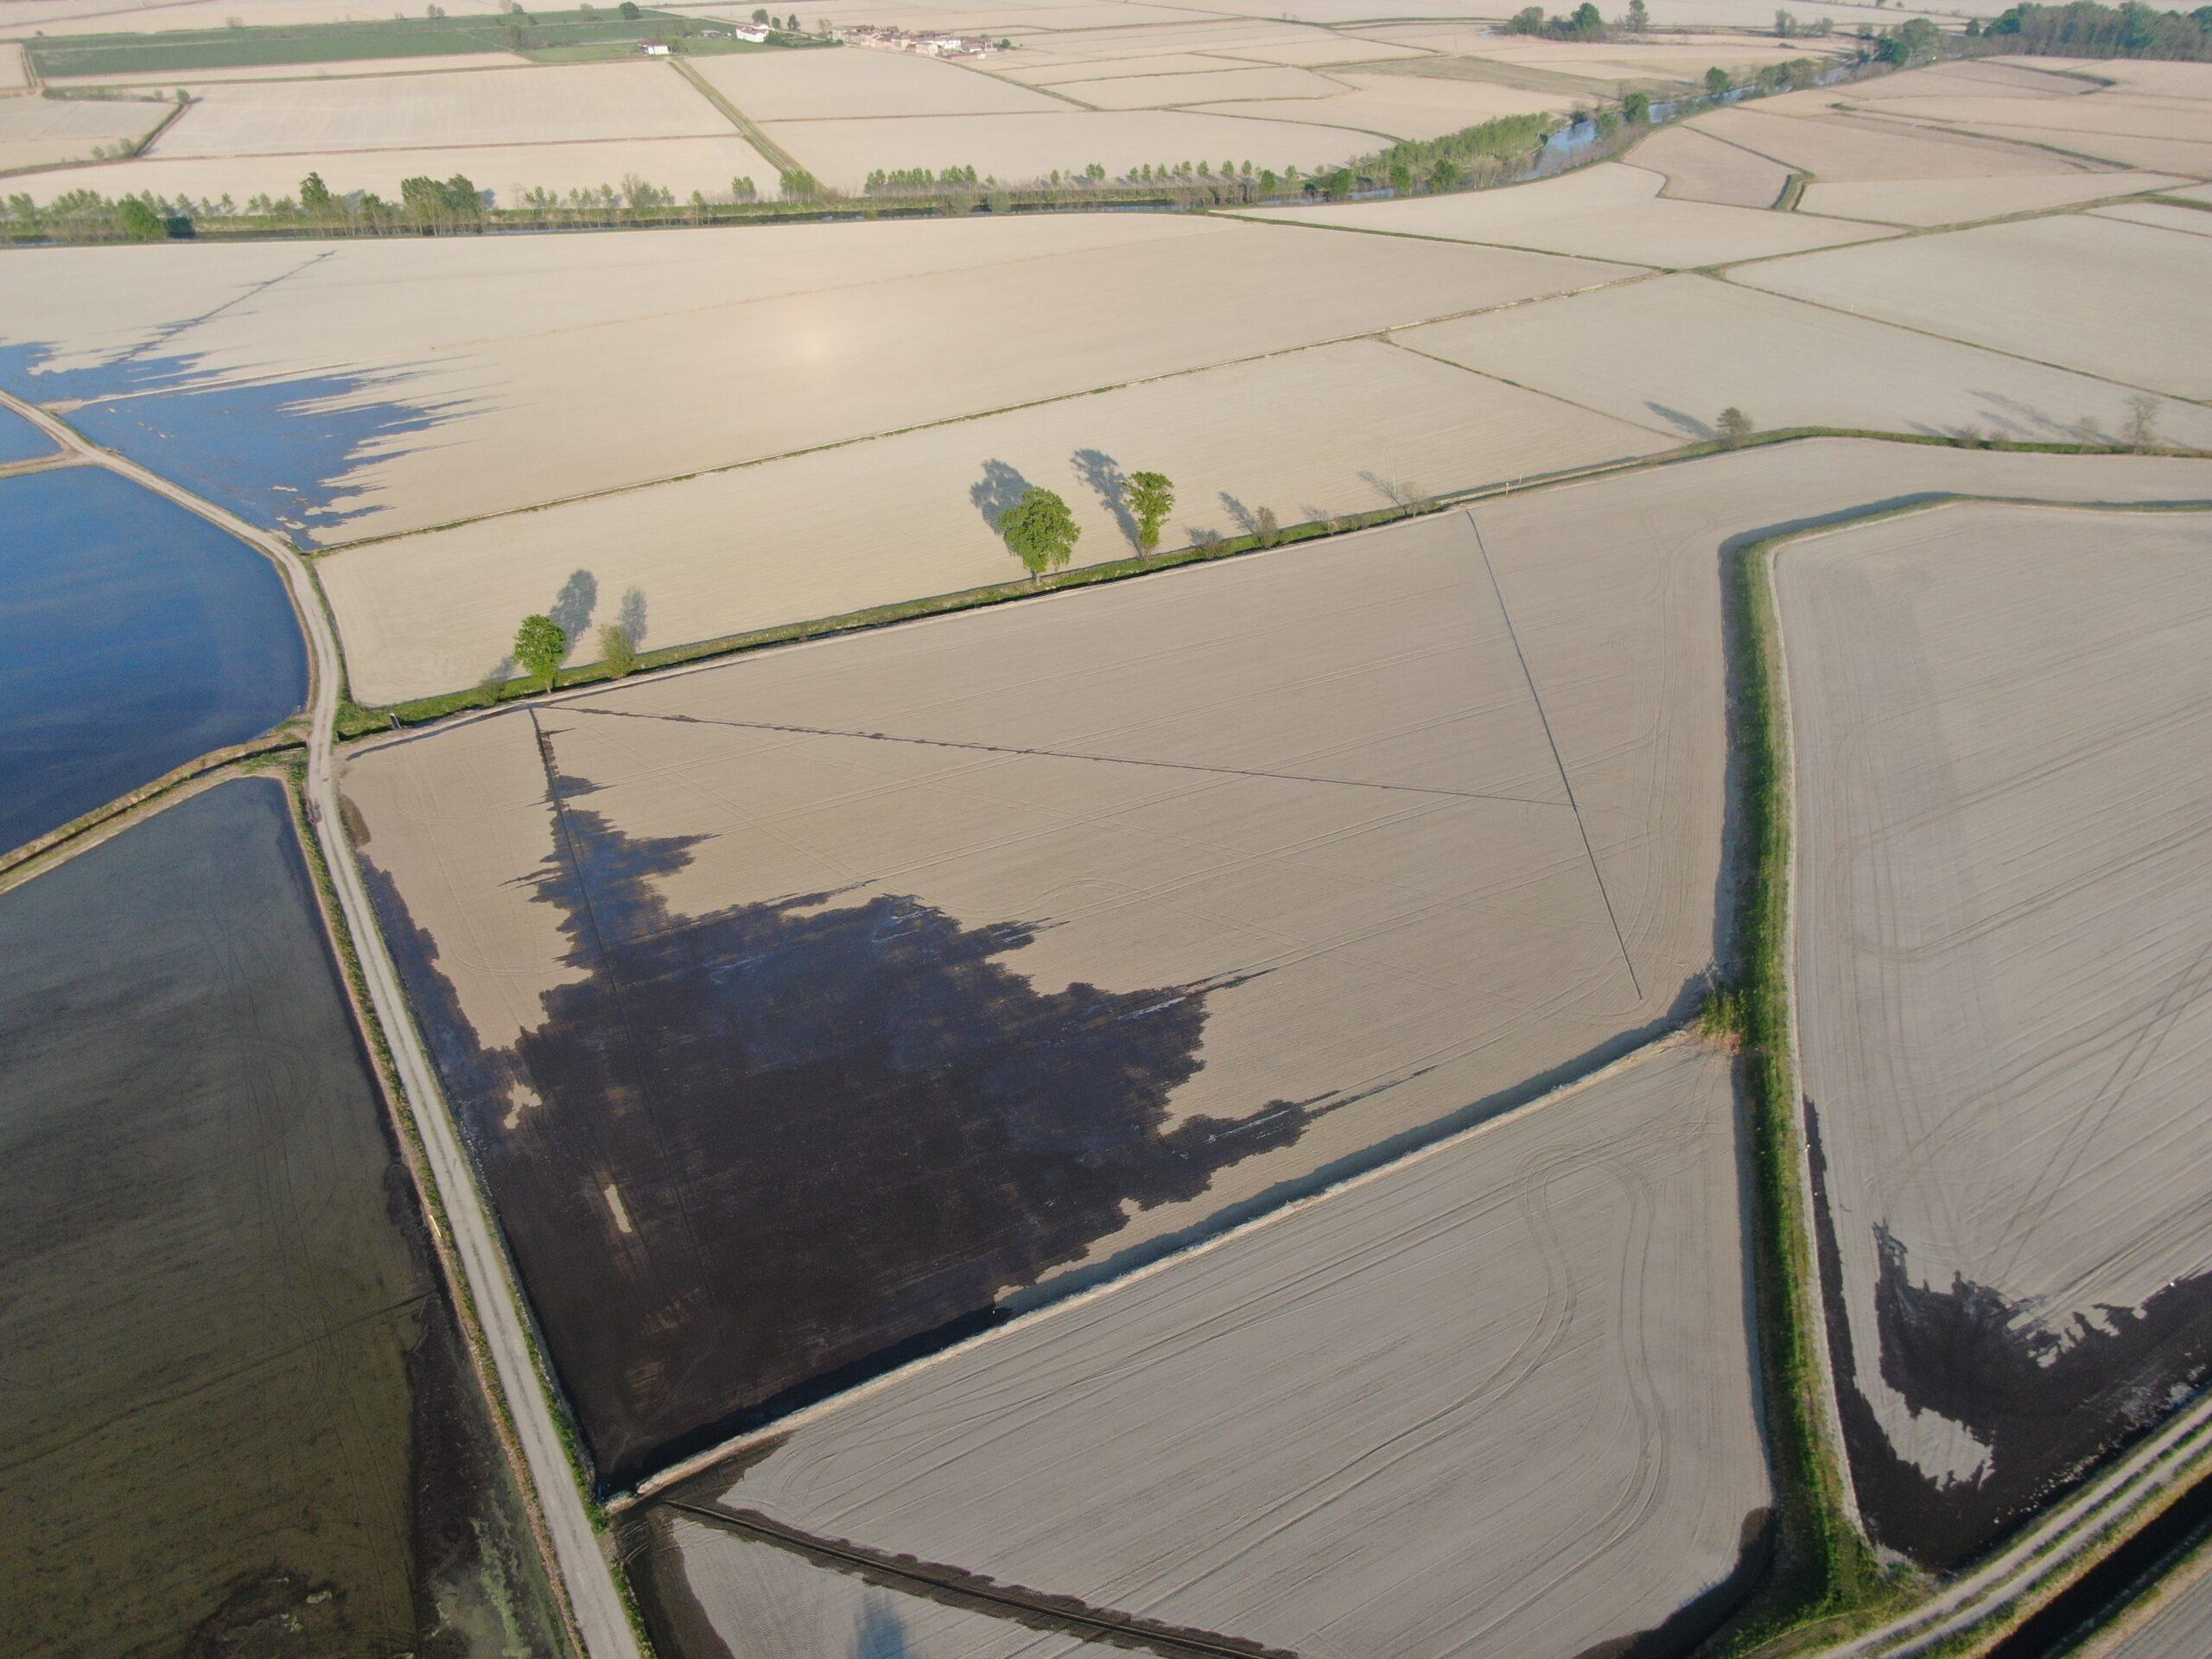 Foto aerea della Lomellina_ Giotto droni